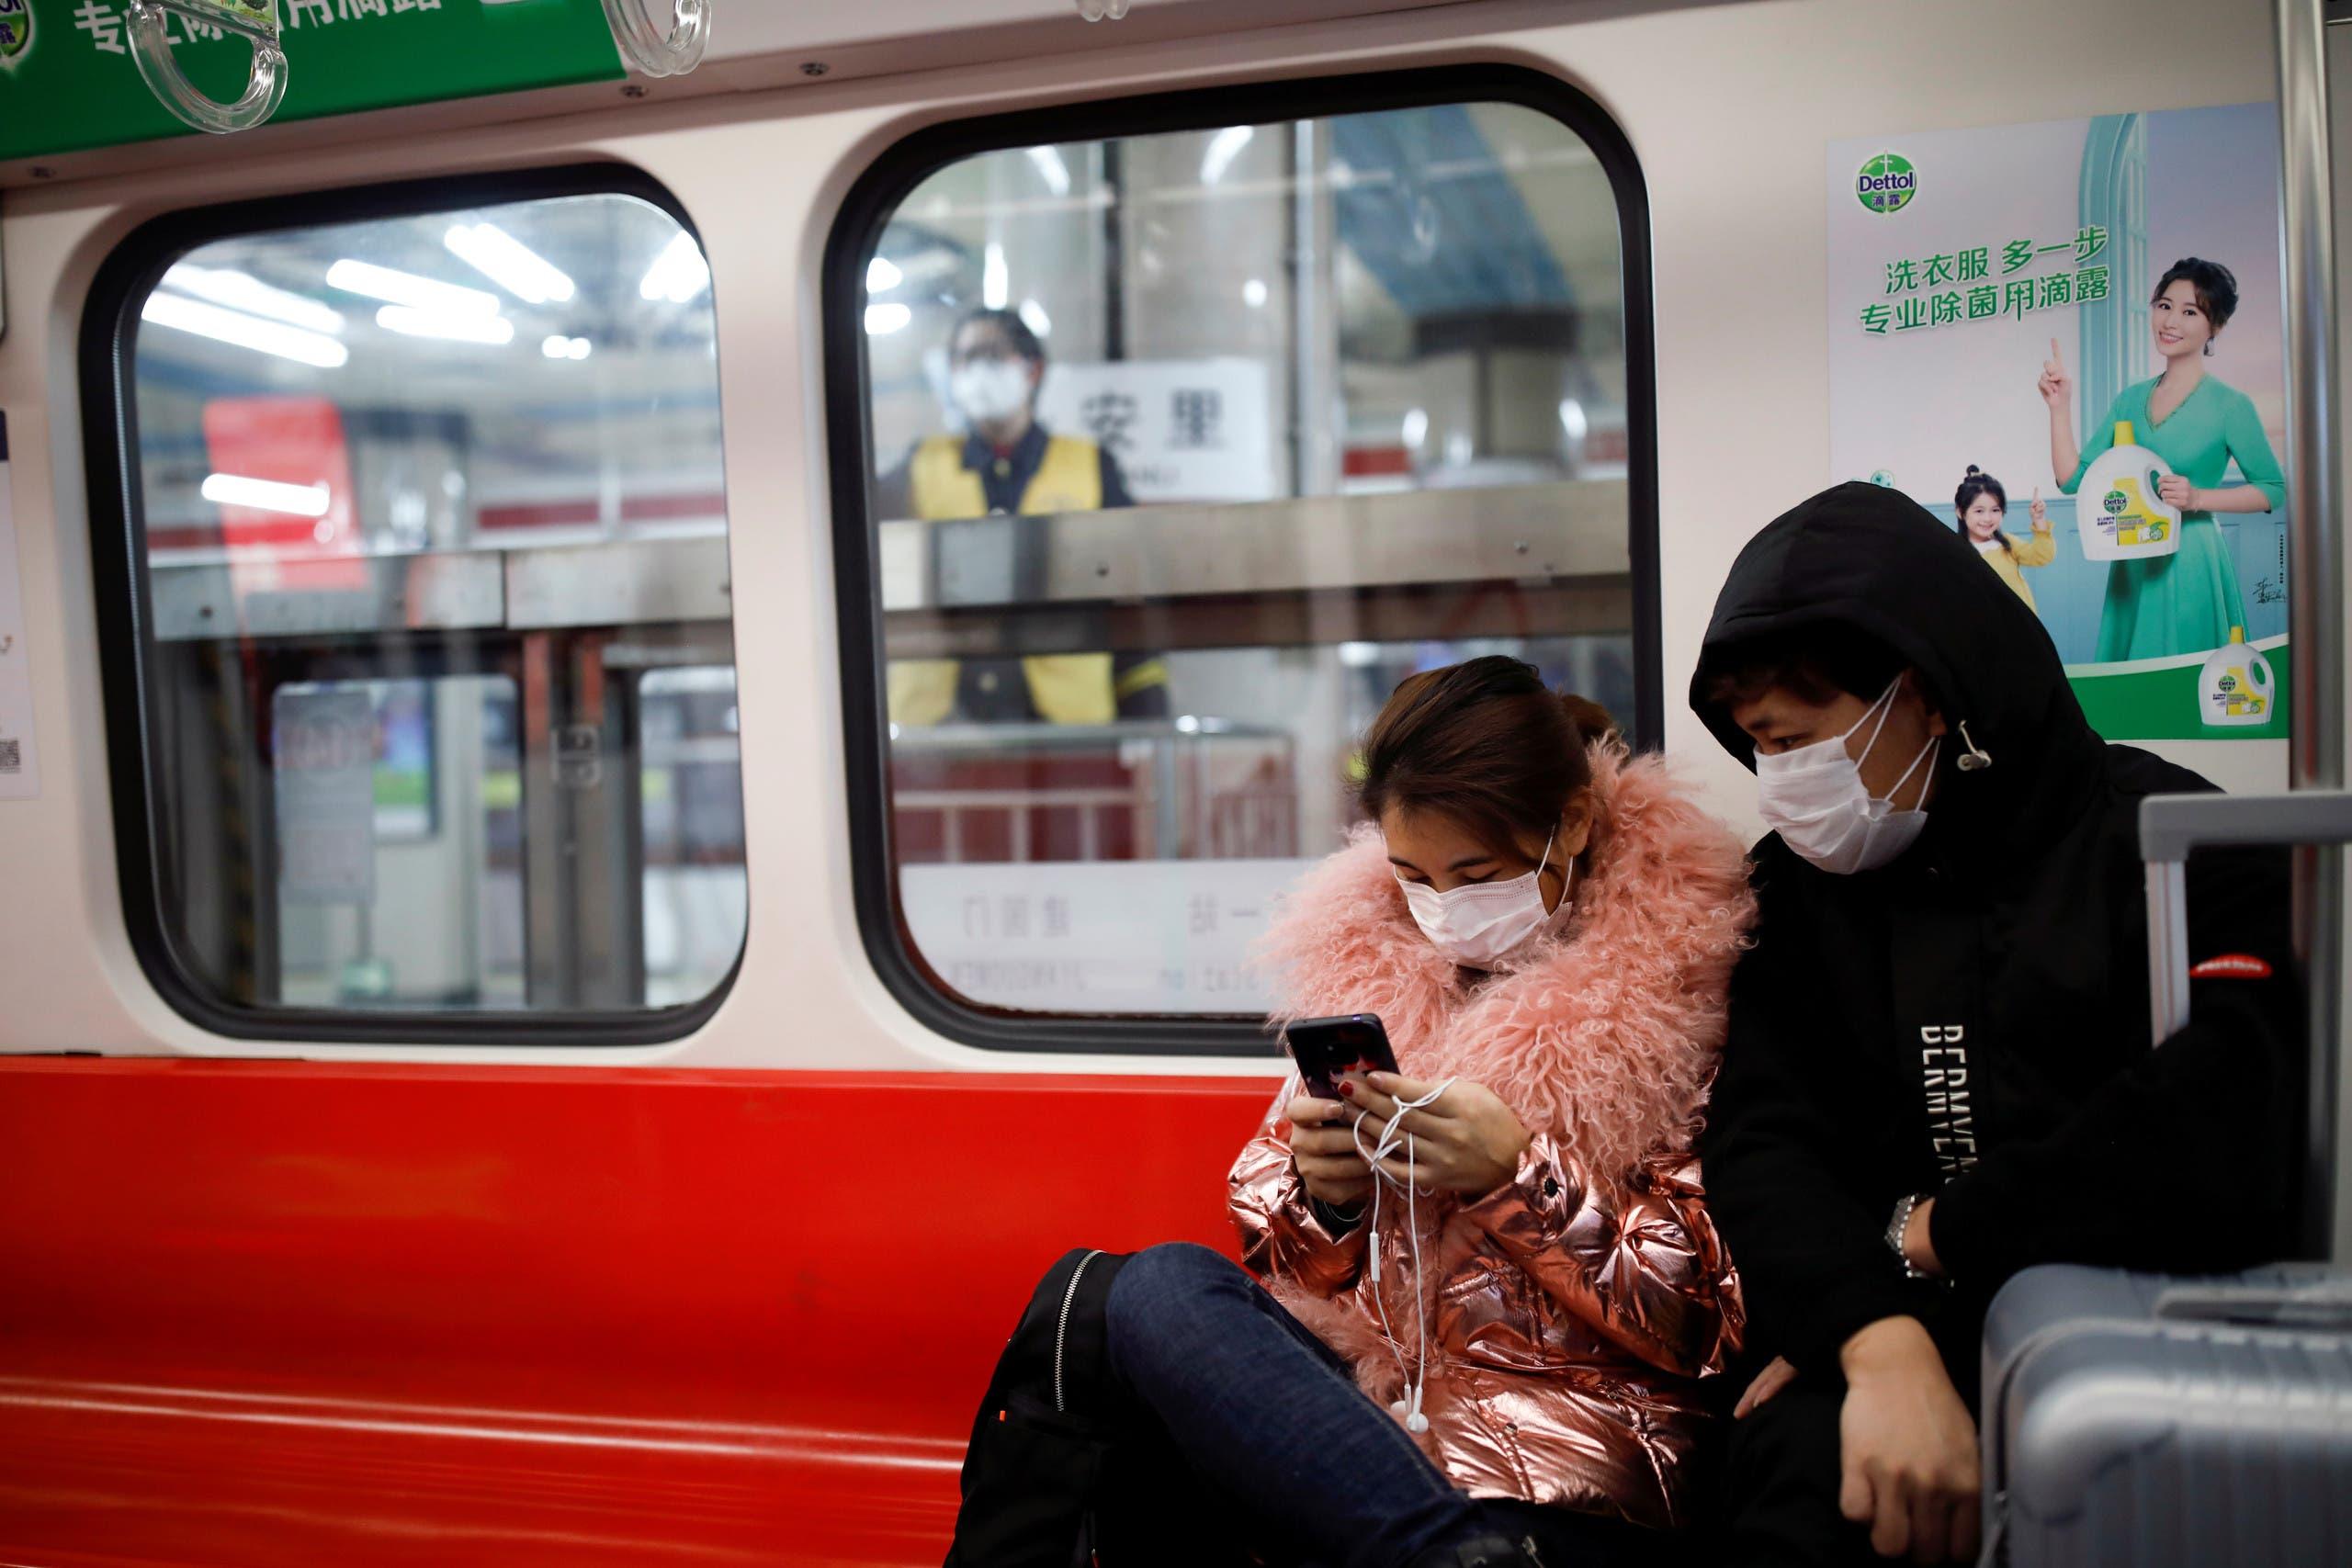 الأقنعة تساعد في الحماية من الفيروس